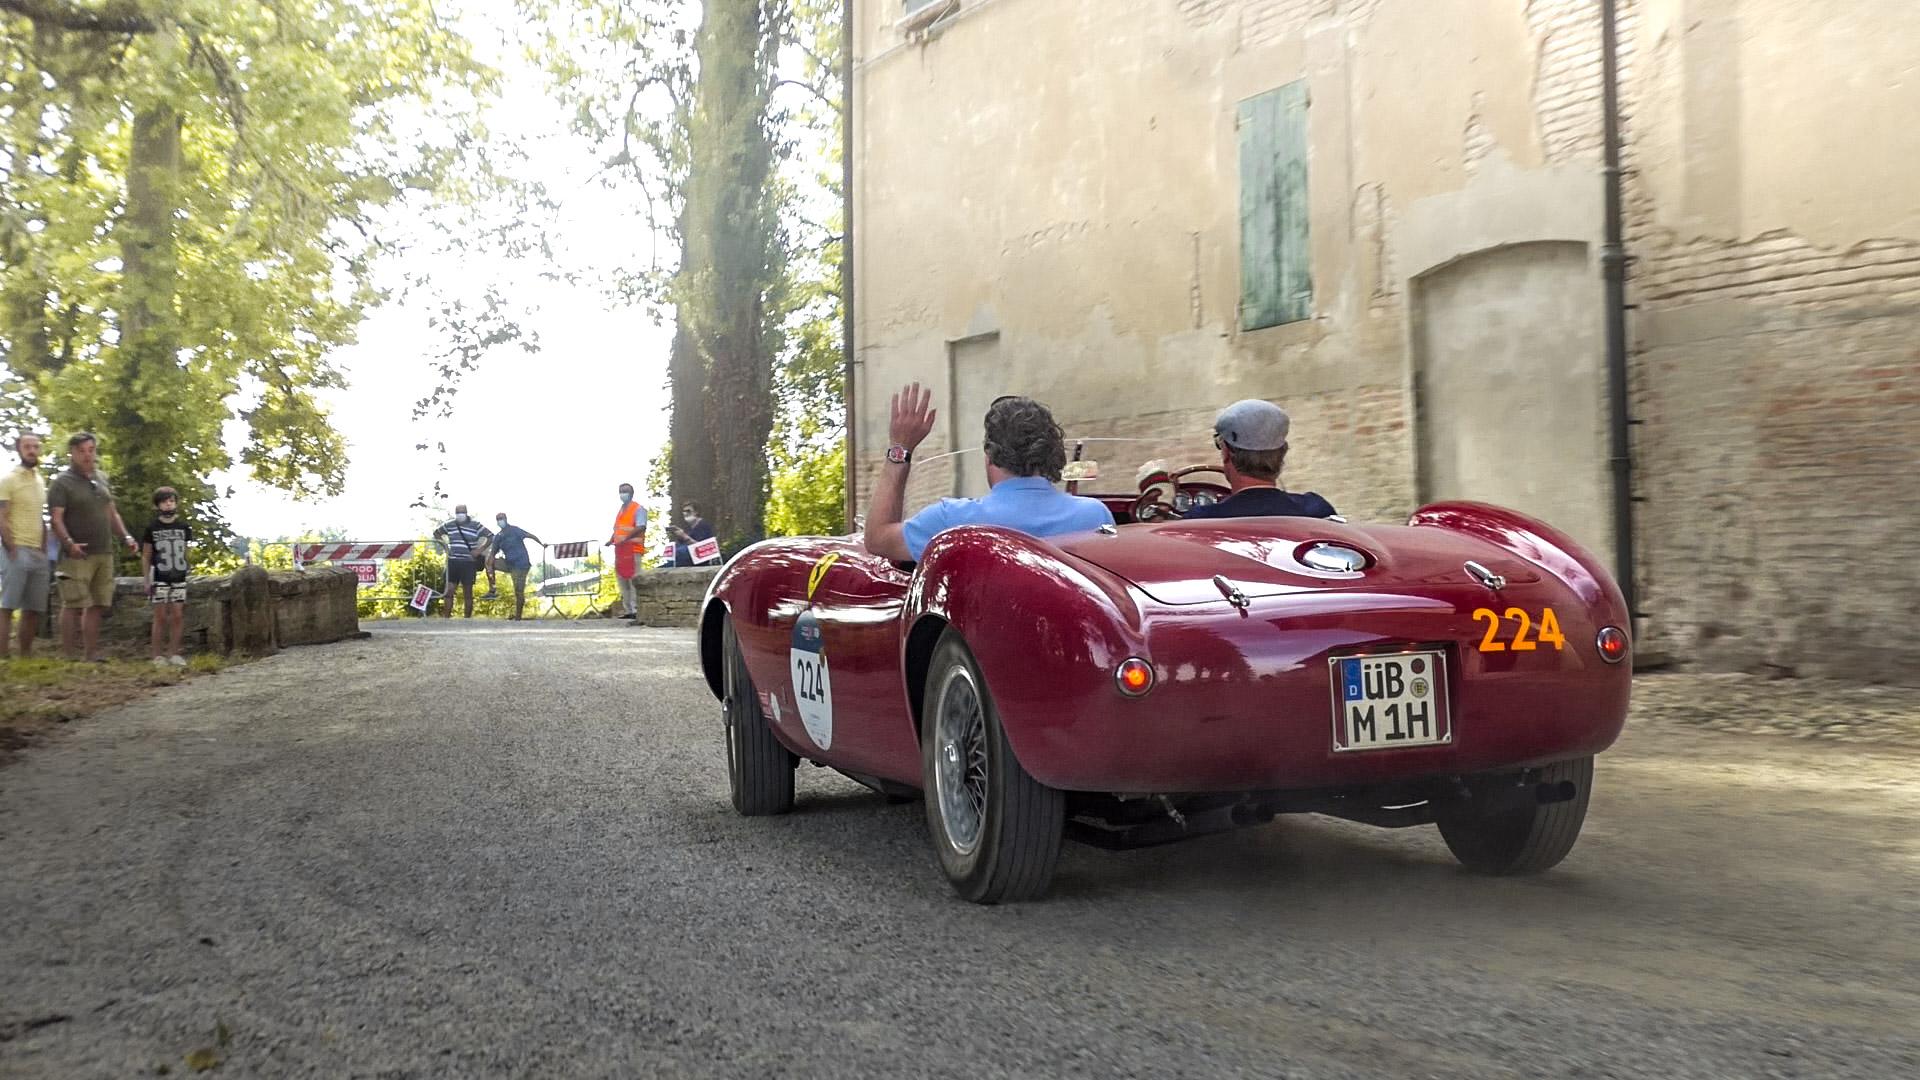 Ferrari 375 MM Spider Pinin Farina - ÜB-M-1H